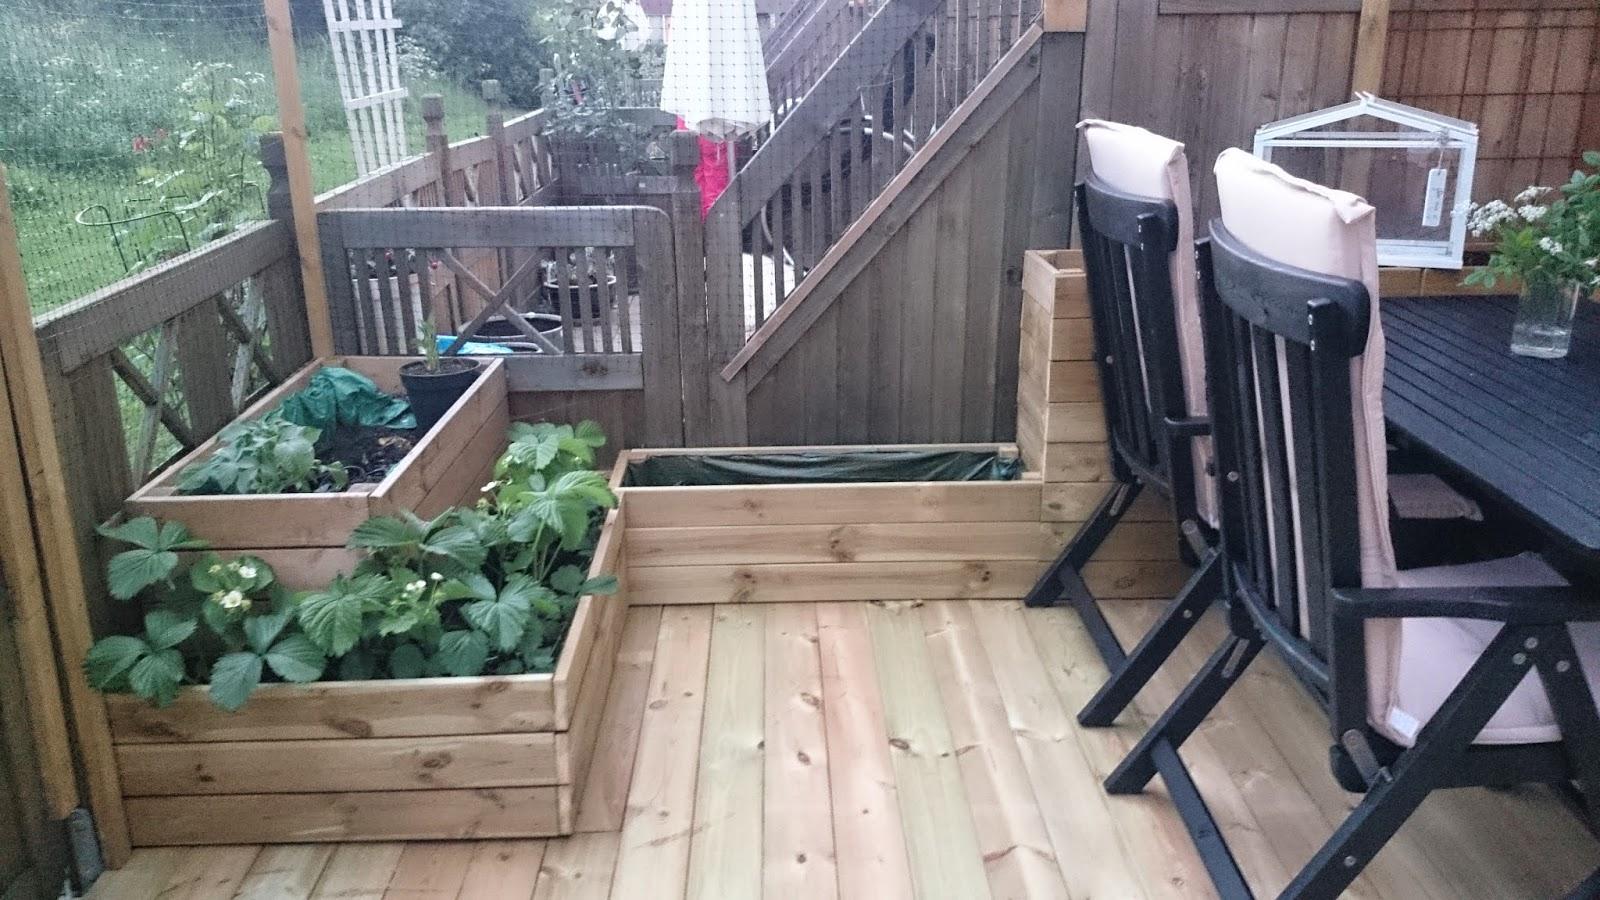 Inredning lägga trall på balkong : Släng dig i väggen, Ernst!: Trägolvet klart pÃ¥ uteplatsen